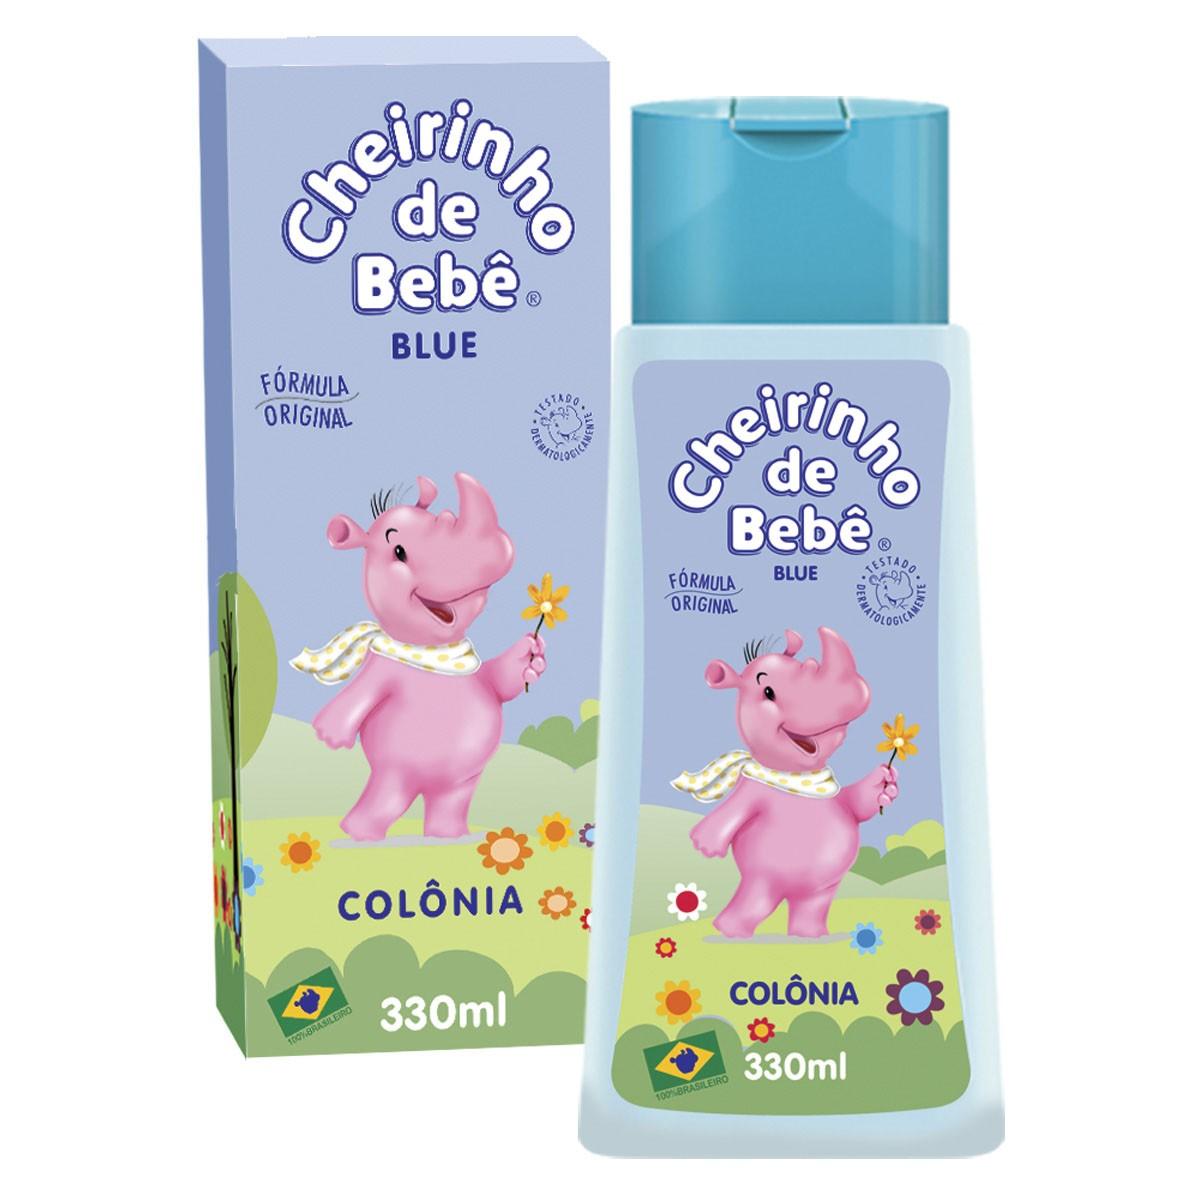 Colônia Cheirinho de Bebê Blue 330ml